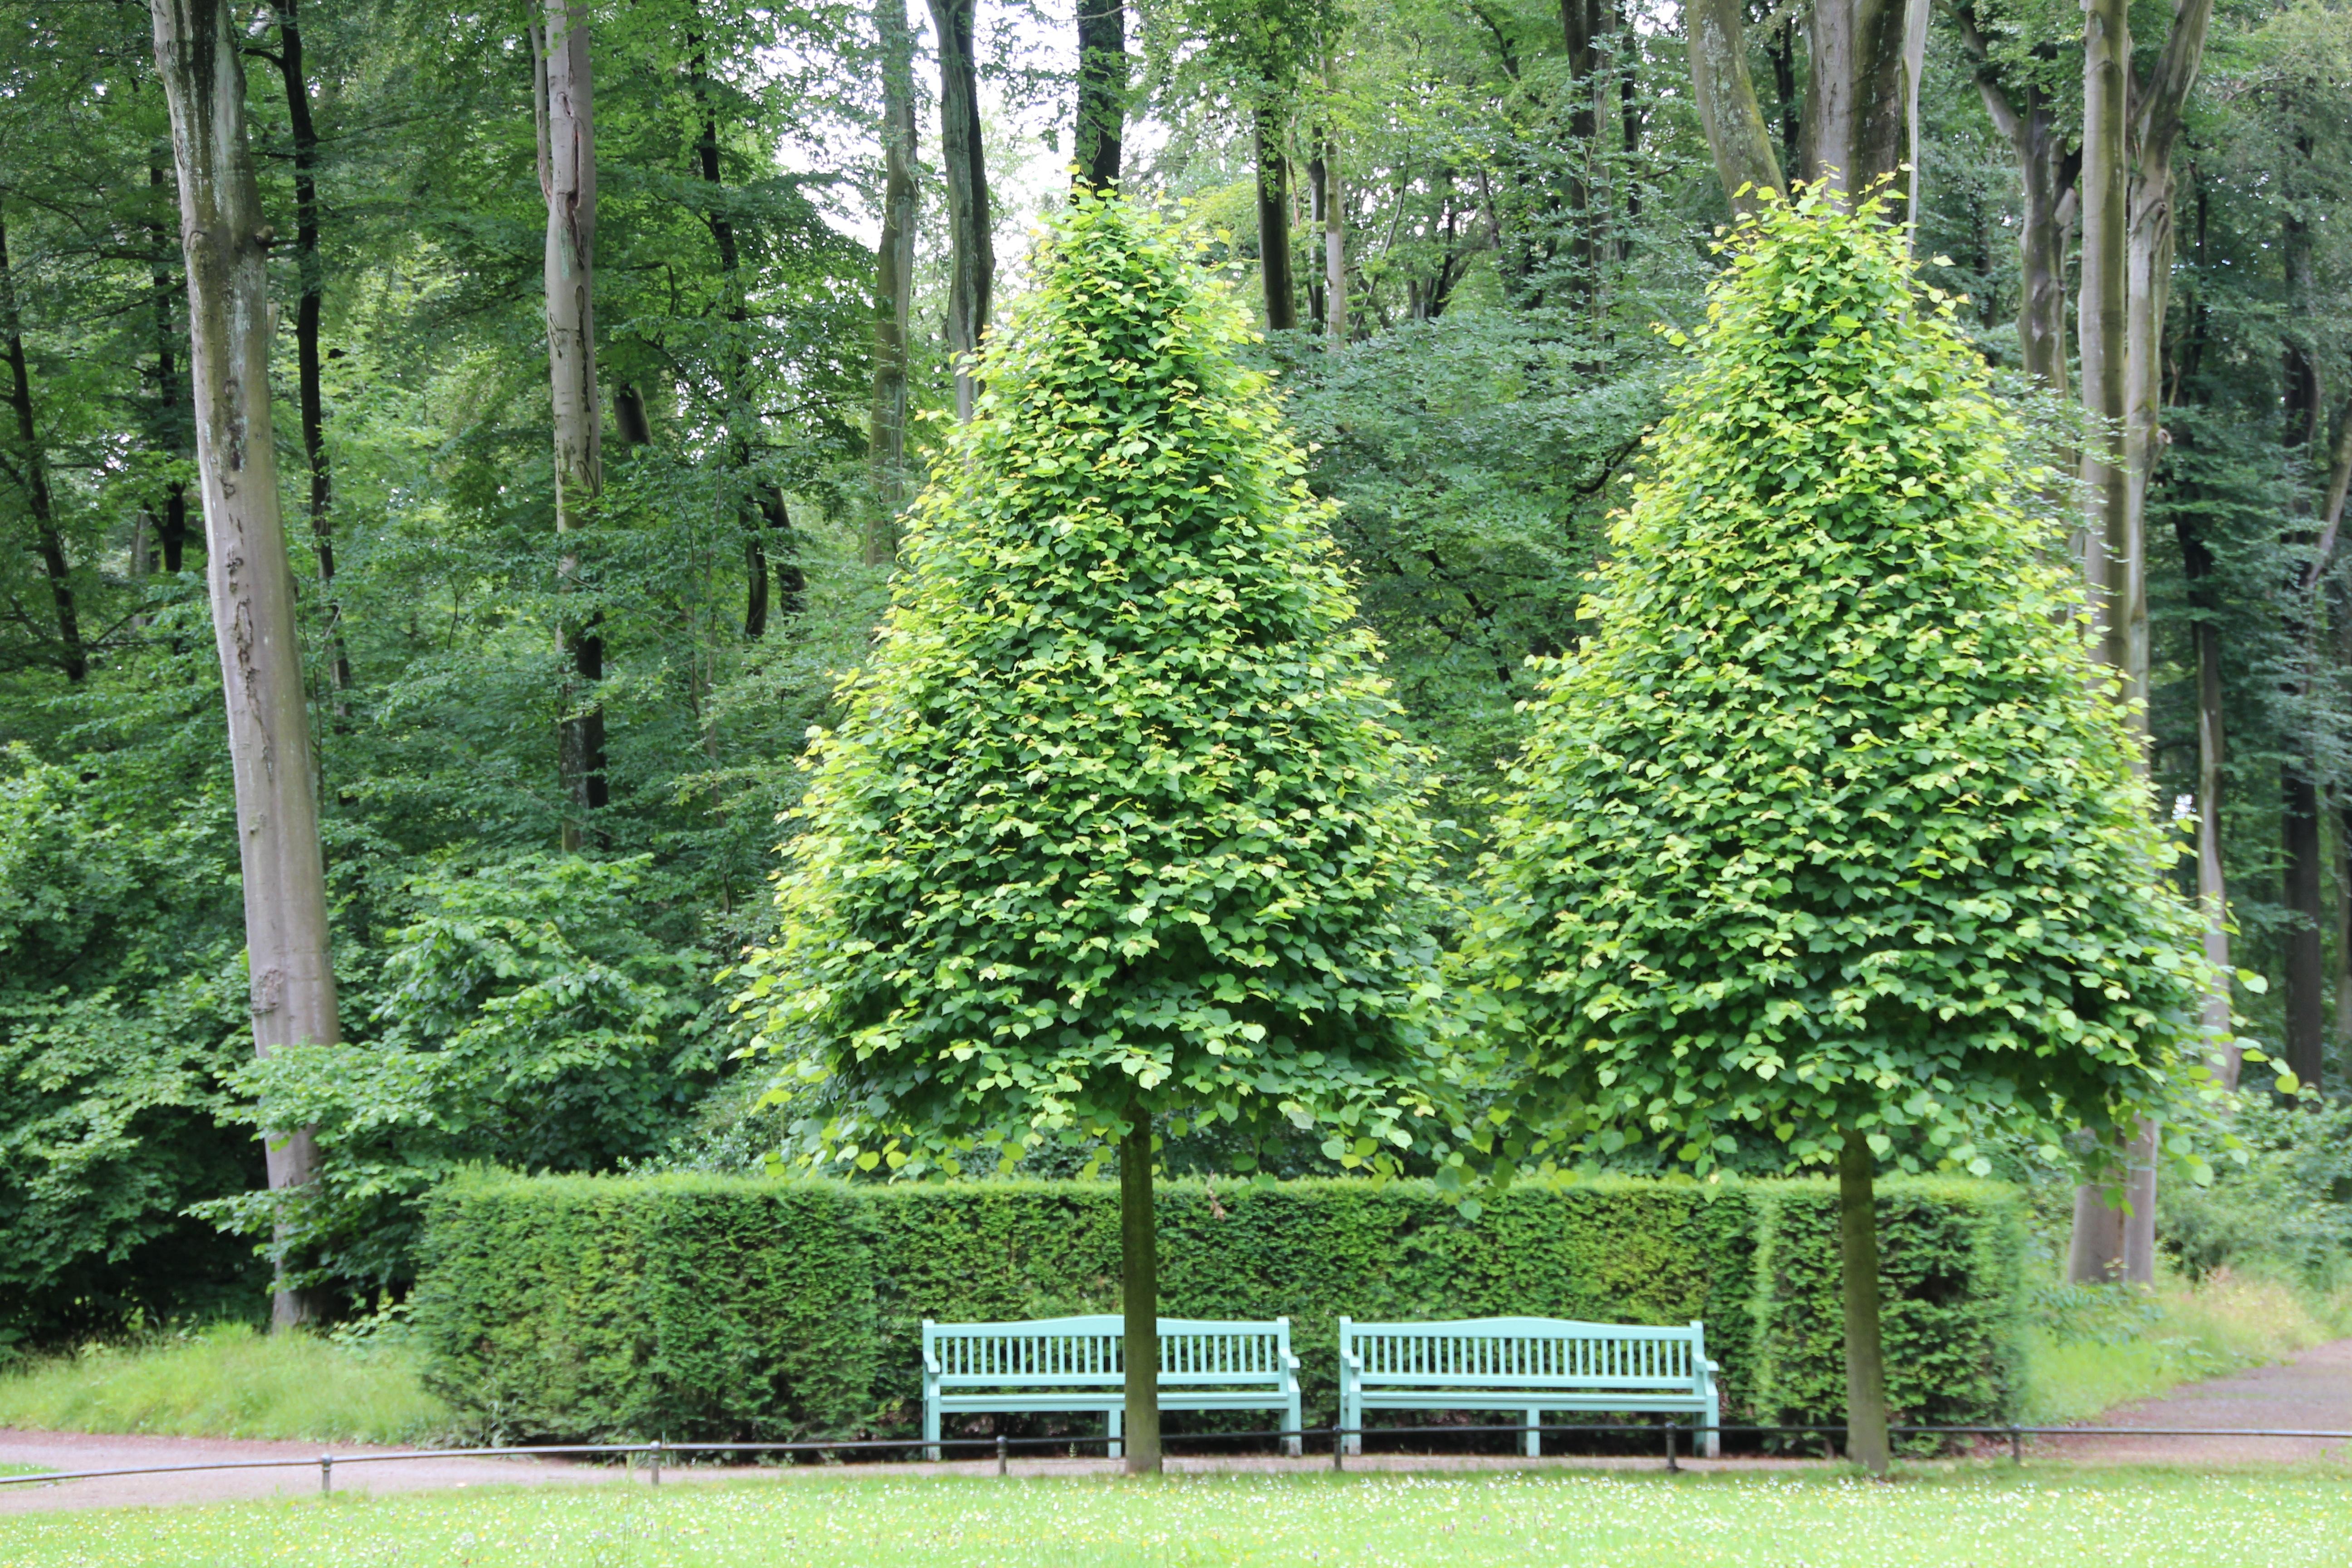 мультиварке готовить фото вечнозеленые деревья деревьев окраски, расположения пестрин